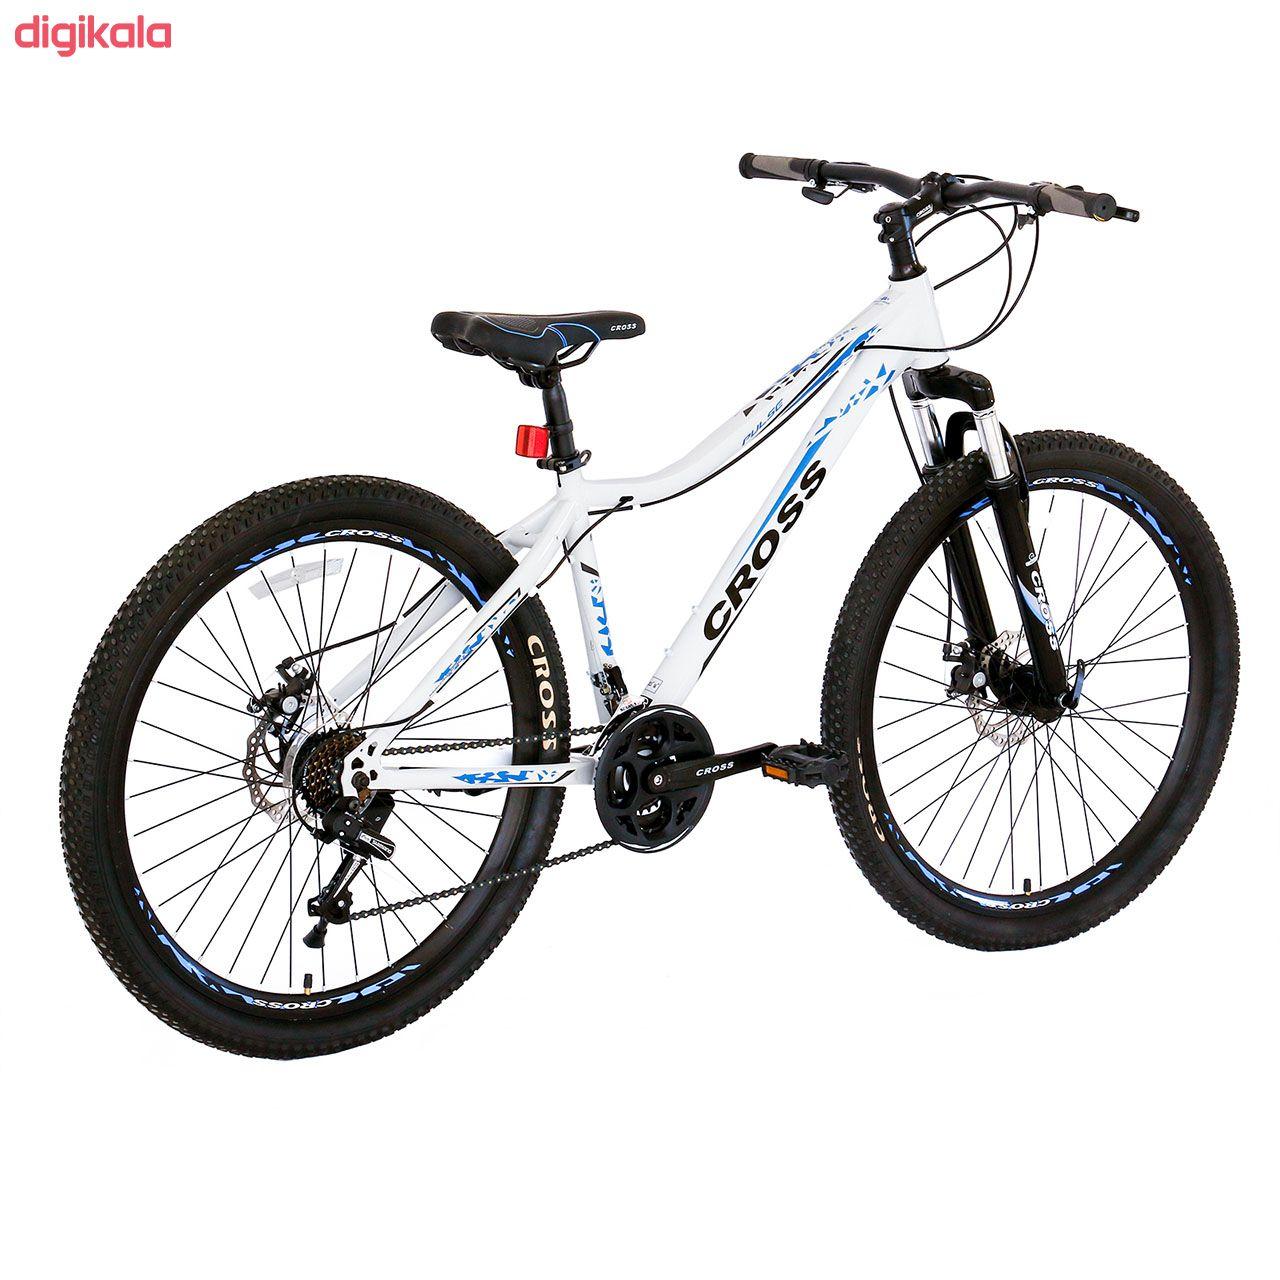 دوچرخه کوهستان کراس مدل PULSE سایز 27.5 main 1 2